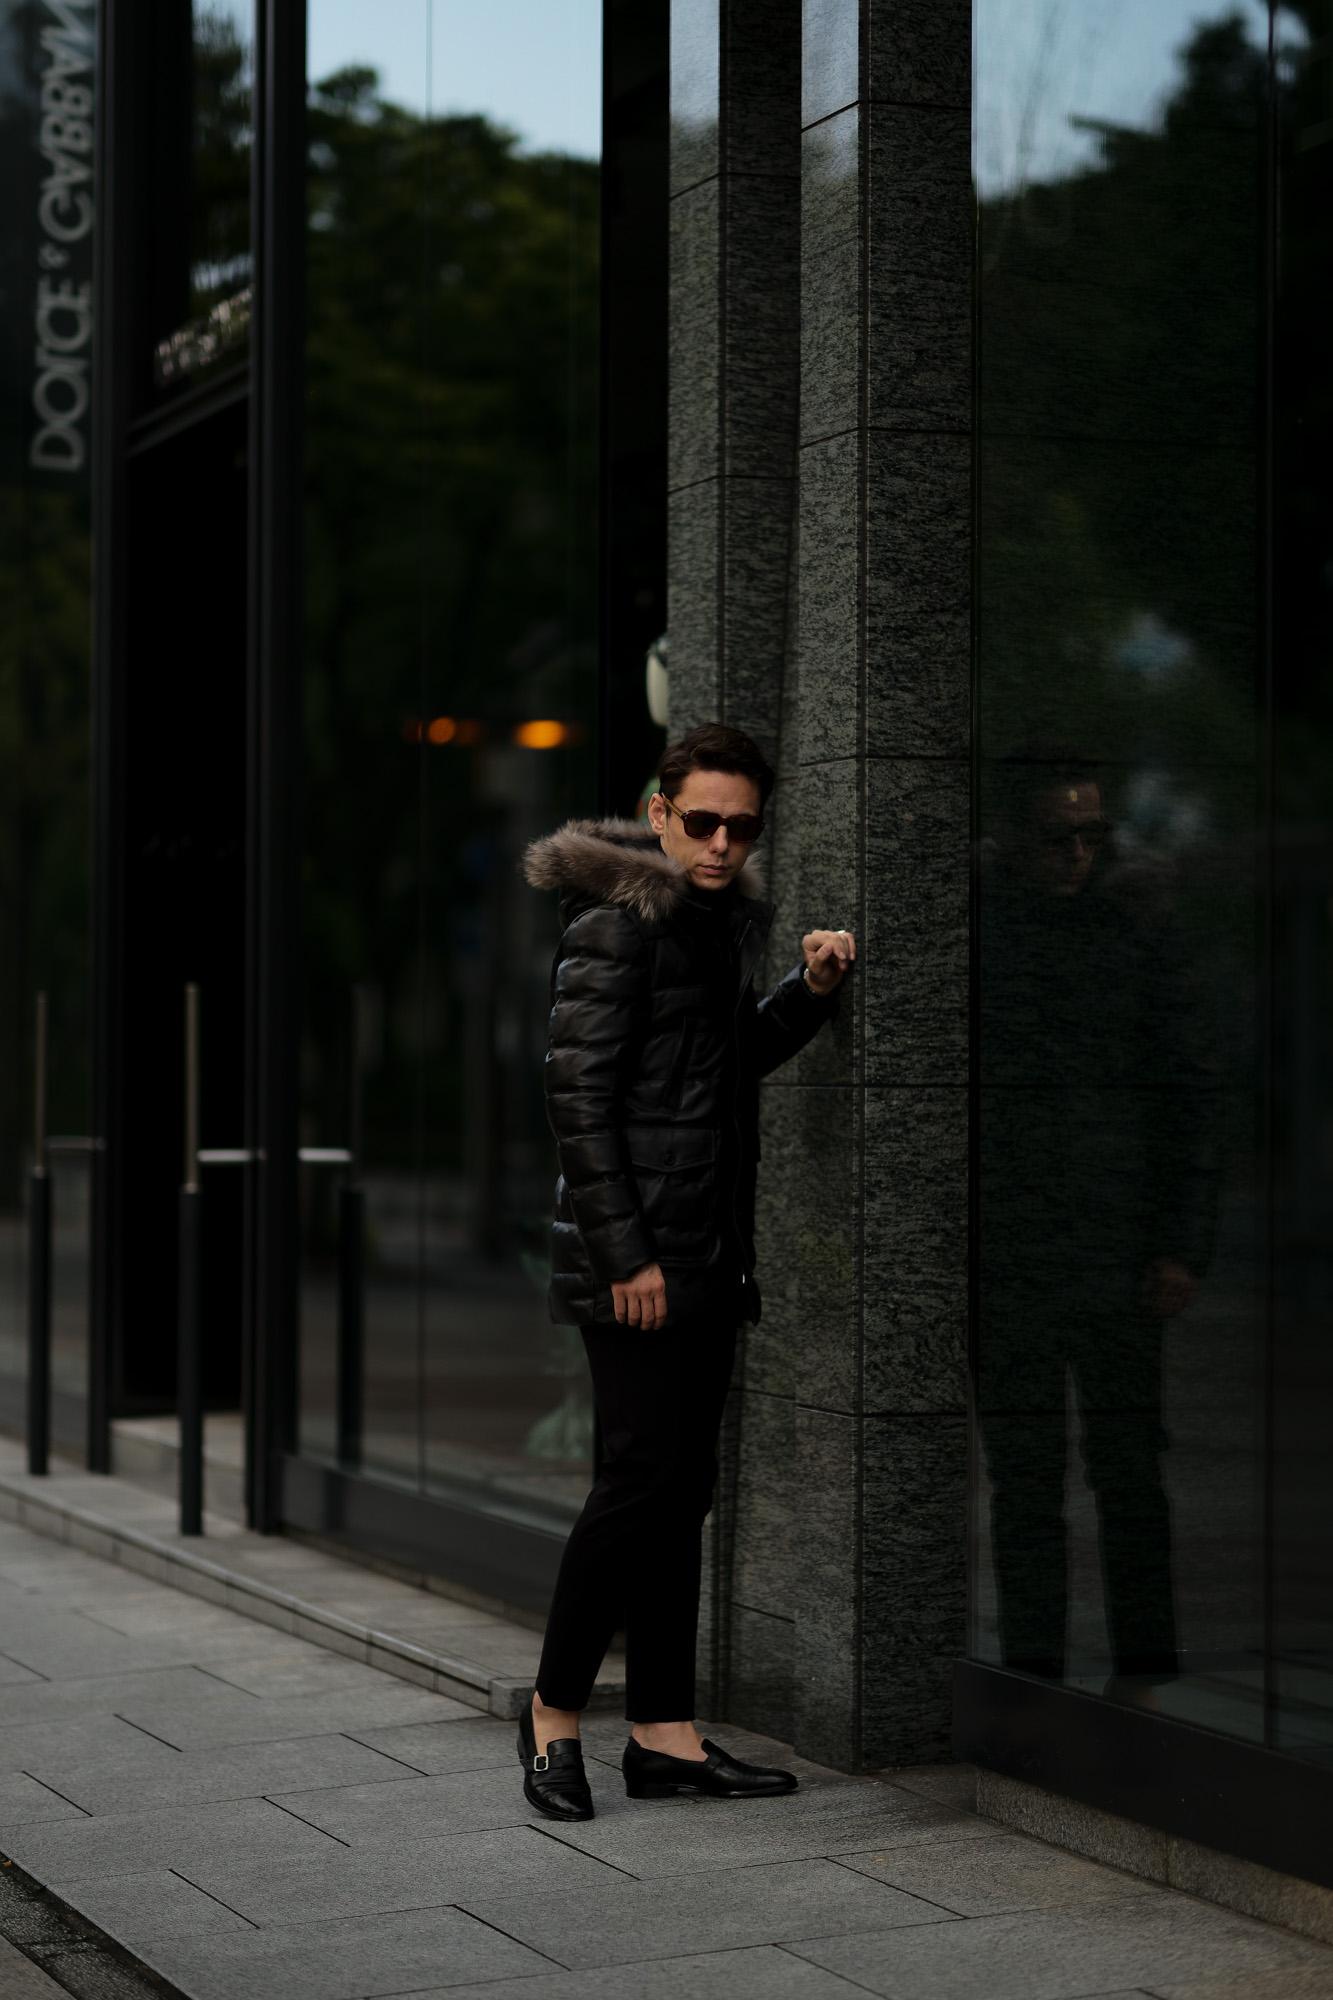 EMMETI(エンメティ) THIAGO (ティアゴ) Lambskin Nappa Silk Leather (ラムナッパシルクレザー) レザーダウンコート NERO (ブラック) Made in italy (イタリア製) 2020 秋冬 【ご予約受付中】愛知 名古屋 altoediritto アルトエデリット ダウンコート ダウンジャケット